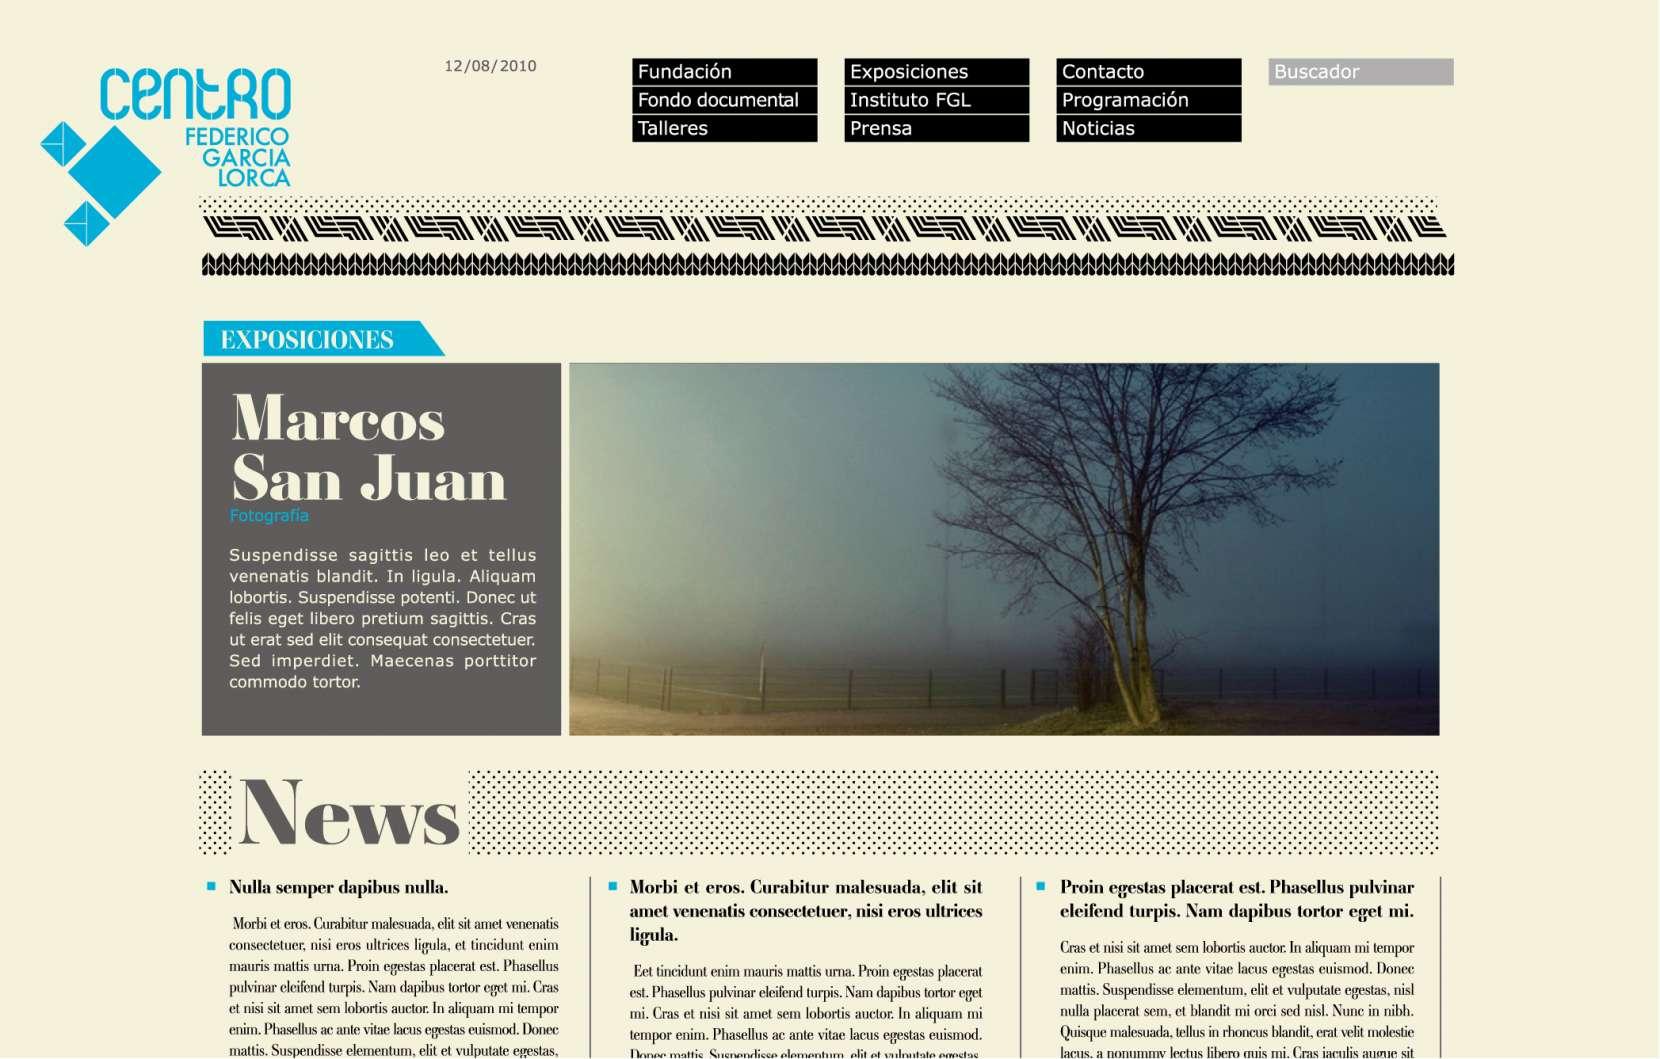 imagen-web.jpg